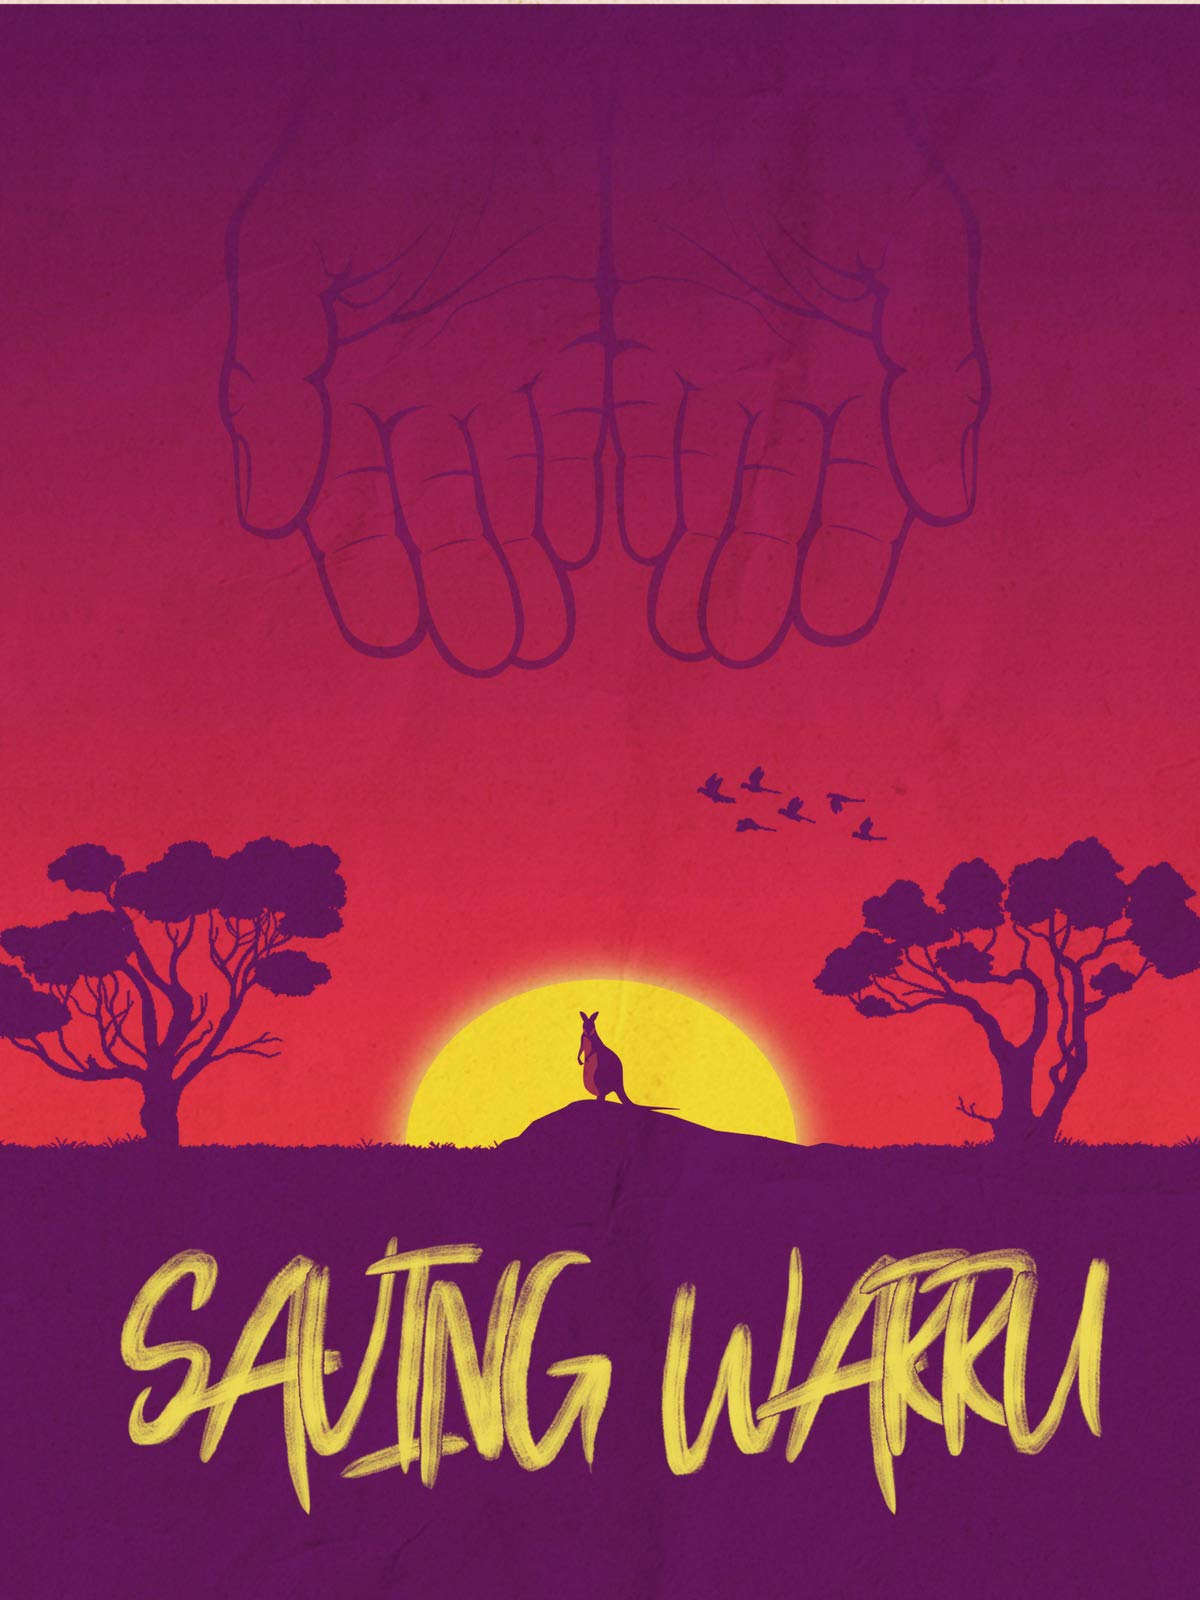 Saving Warru